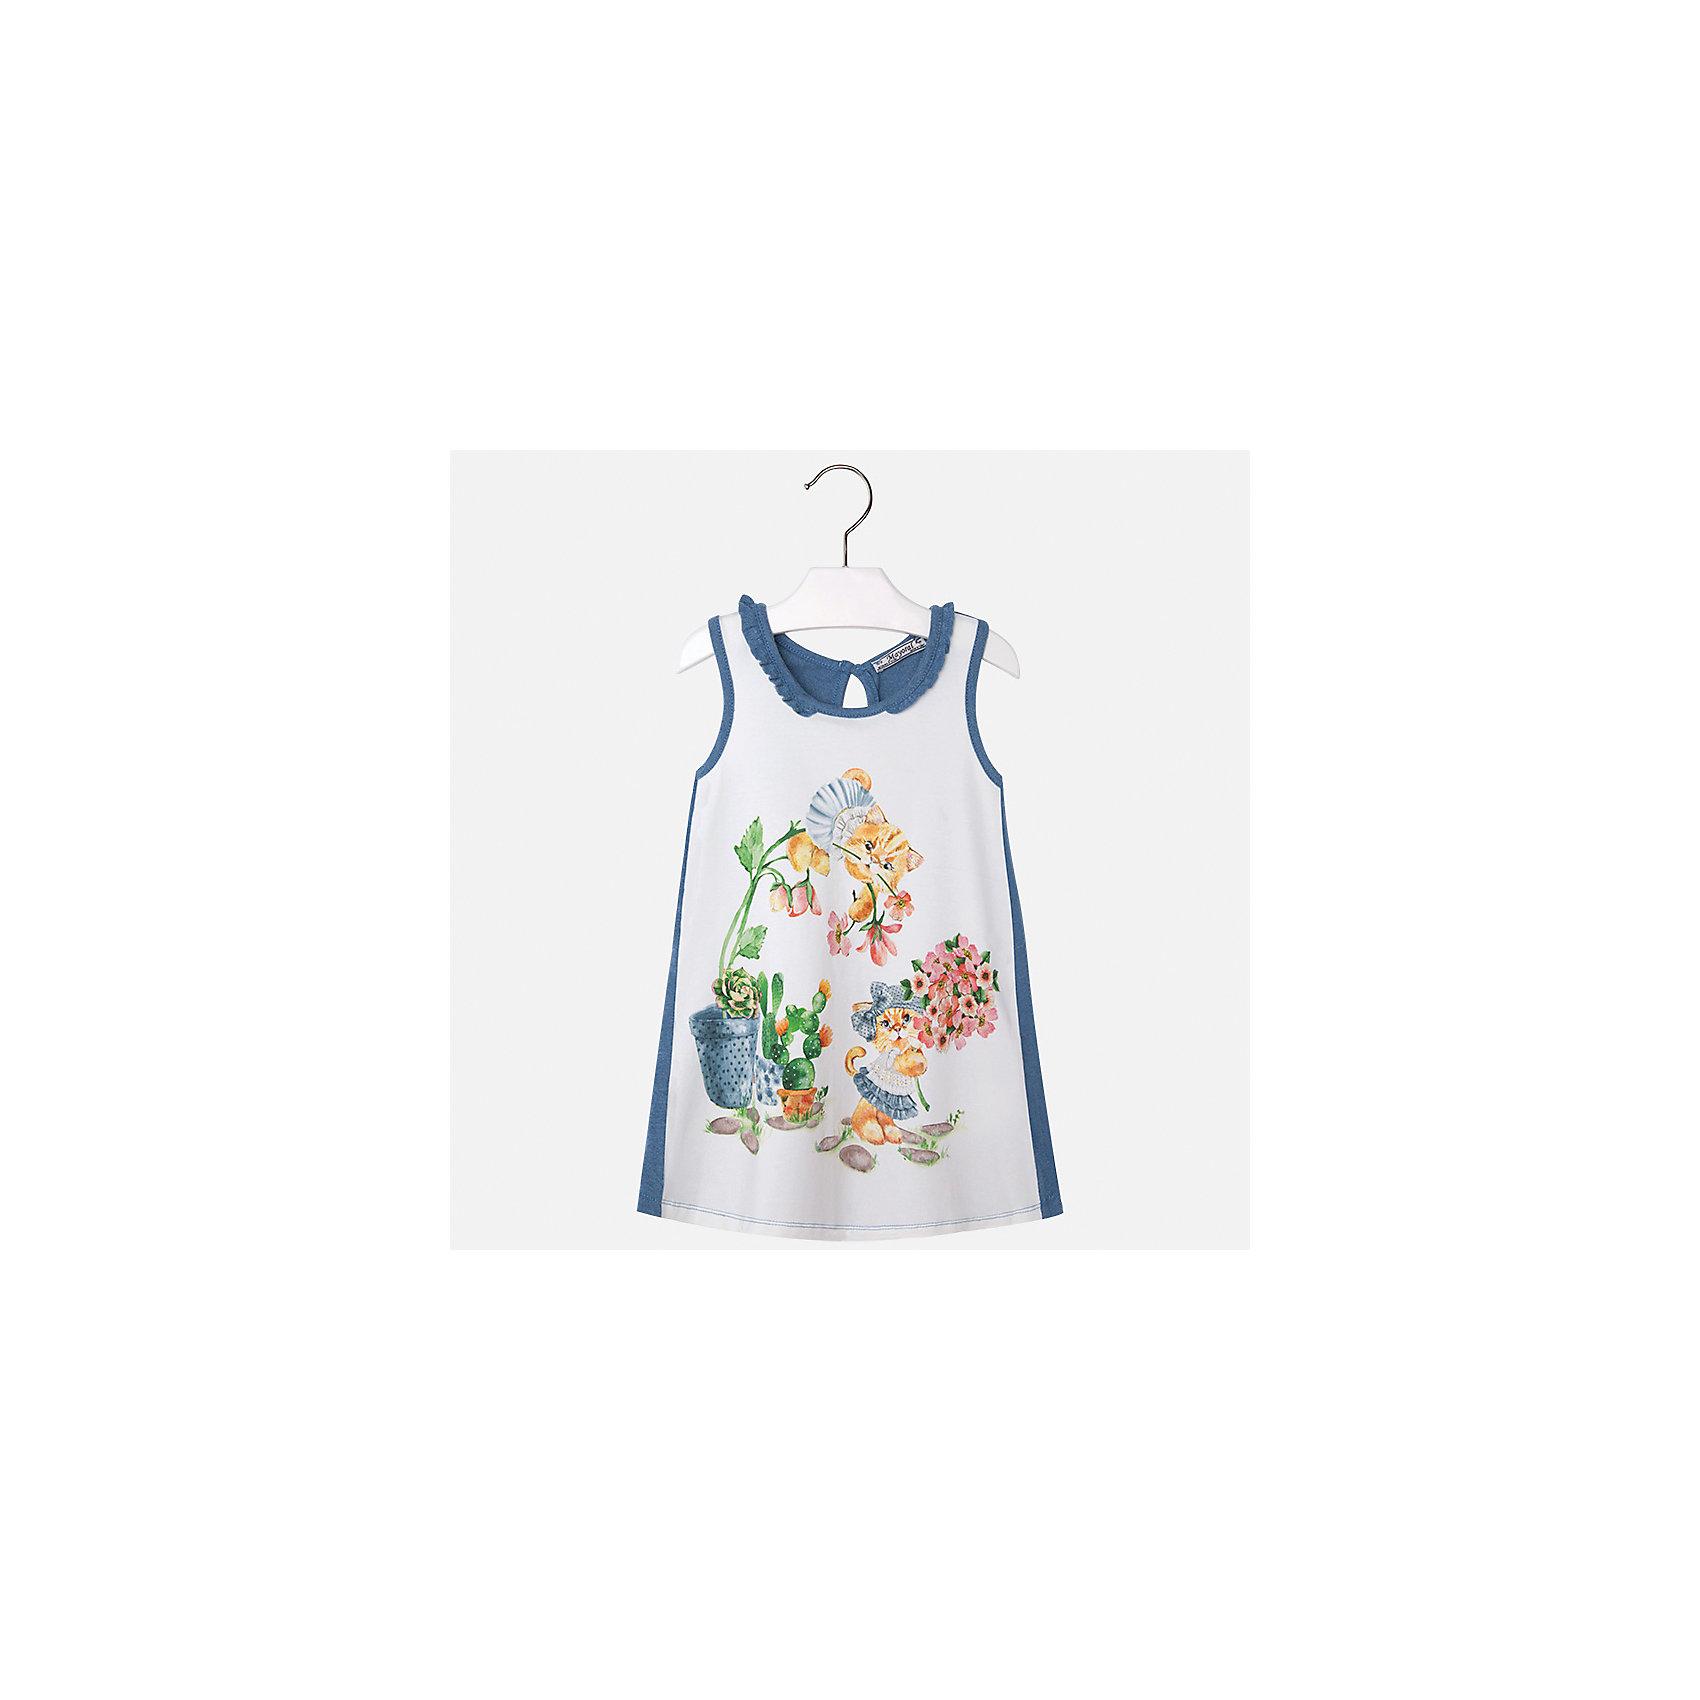 Платье для девочки MayoralЛетние платья и сарафаны<br>Характеристики товара:<br><br>• цвет: белый/синий<br>• состав: 95% хлопок, 5% эластан<br>• застежка: пуговица<br>• комбинированный материал<br>• без рукавов<br>• декорировано принтом<br>• страна бренда: Испания<br><br>Стильное платье для девочки поможет разнообразить гардероб ребенка и создать эффектный наряд. Оно подойдет для различных случаев. Красивый оттенок позволяет подобрать к вещи обувь разных расцветок. Платье хорошо сидит по фигуре. В составе материала - натуральный хлопок, гипоаллергенный, приятный на ощупь, дышащий.<br><br>Одежда, обувь и аксессуары от испанского бренда Mayoral полюбились детям и взрослым по всему миру. Модели этой марки - стильные и удобные. Для их производства используются только безопасные, качественные материалы и фурнитура. Порадуйте ребенка модными и красивыми вещами от Mayoral! <br><br>Платье для девочки от испанского бренда Mayoral (Майорал) можно купить в нашем интернет-магазине.<br><br>Ширина мм: 236<br>Глубина мм: 16<br>Высота мм: 184<br>Вес г: 177<br>Цвет: голубой<br>Возраст от месяцев: 48<br>Возраст до месяцев: 60<br>Пол: Женский<br>Возраст: Детский<br>Размер: 110,116,92,98,104<br>SKU: 5300636